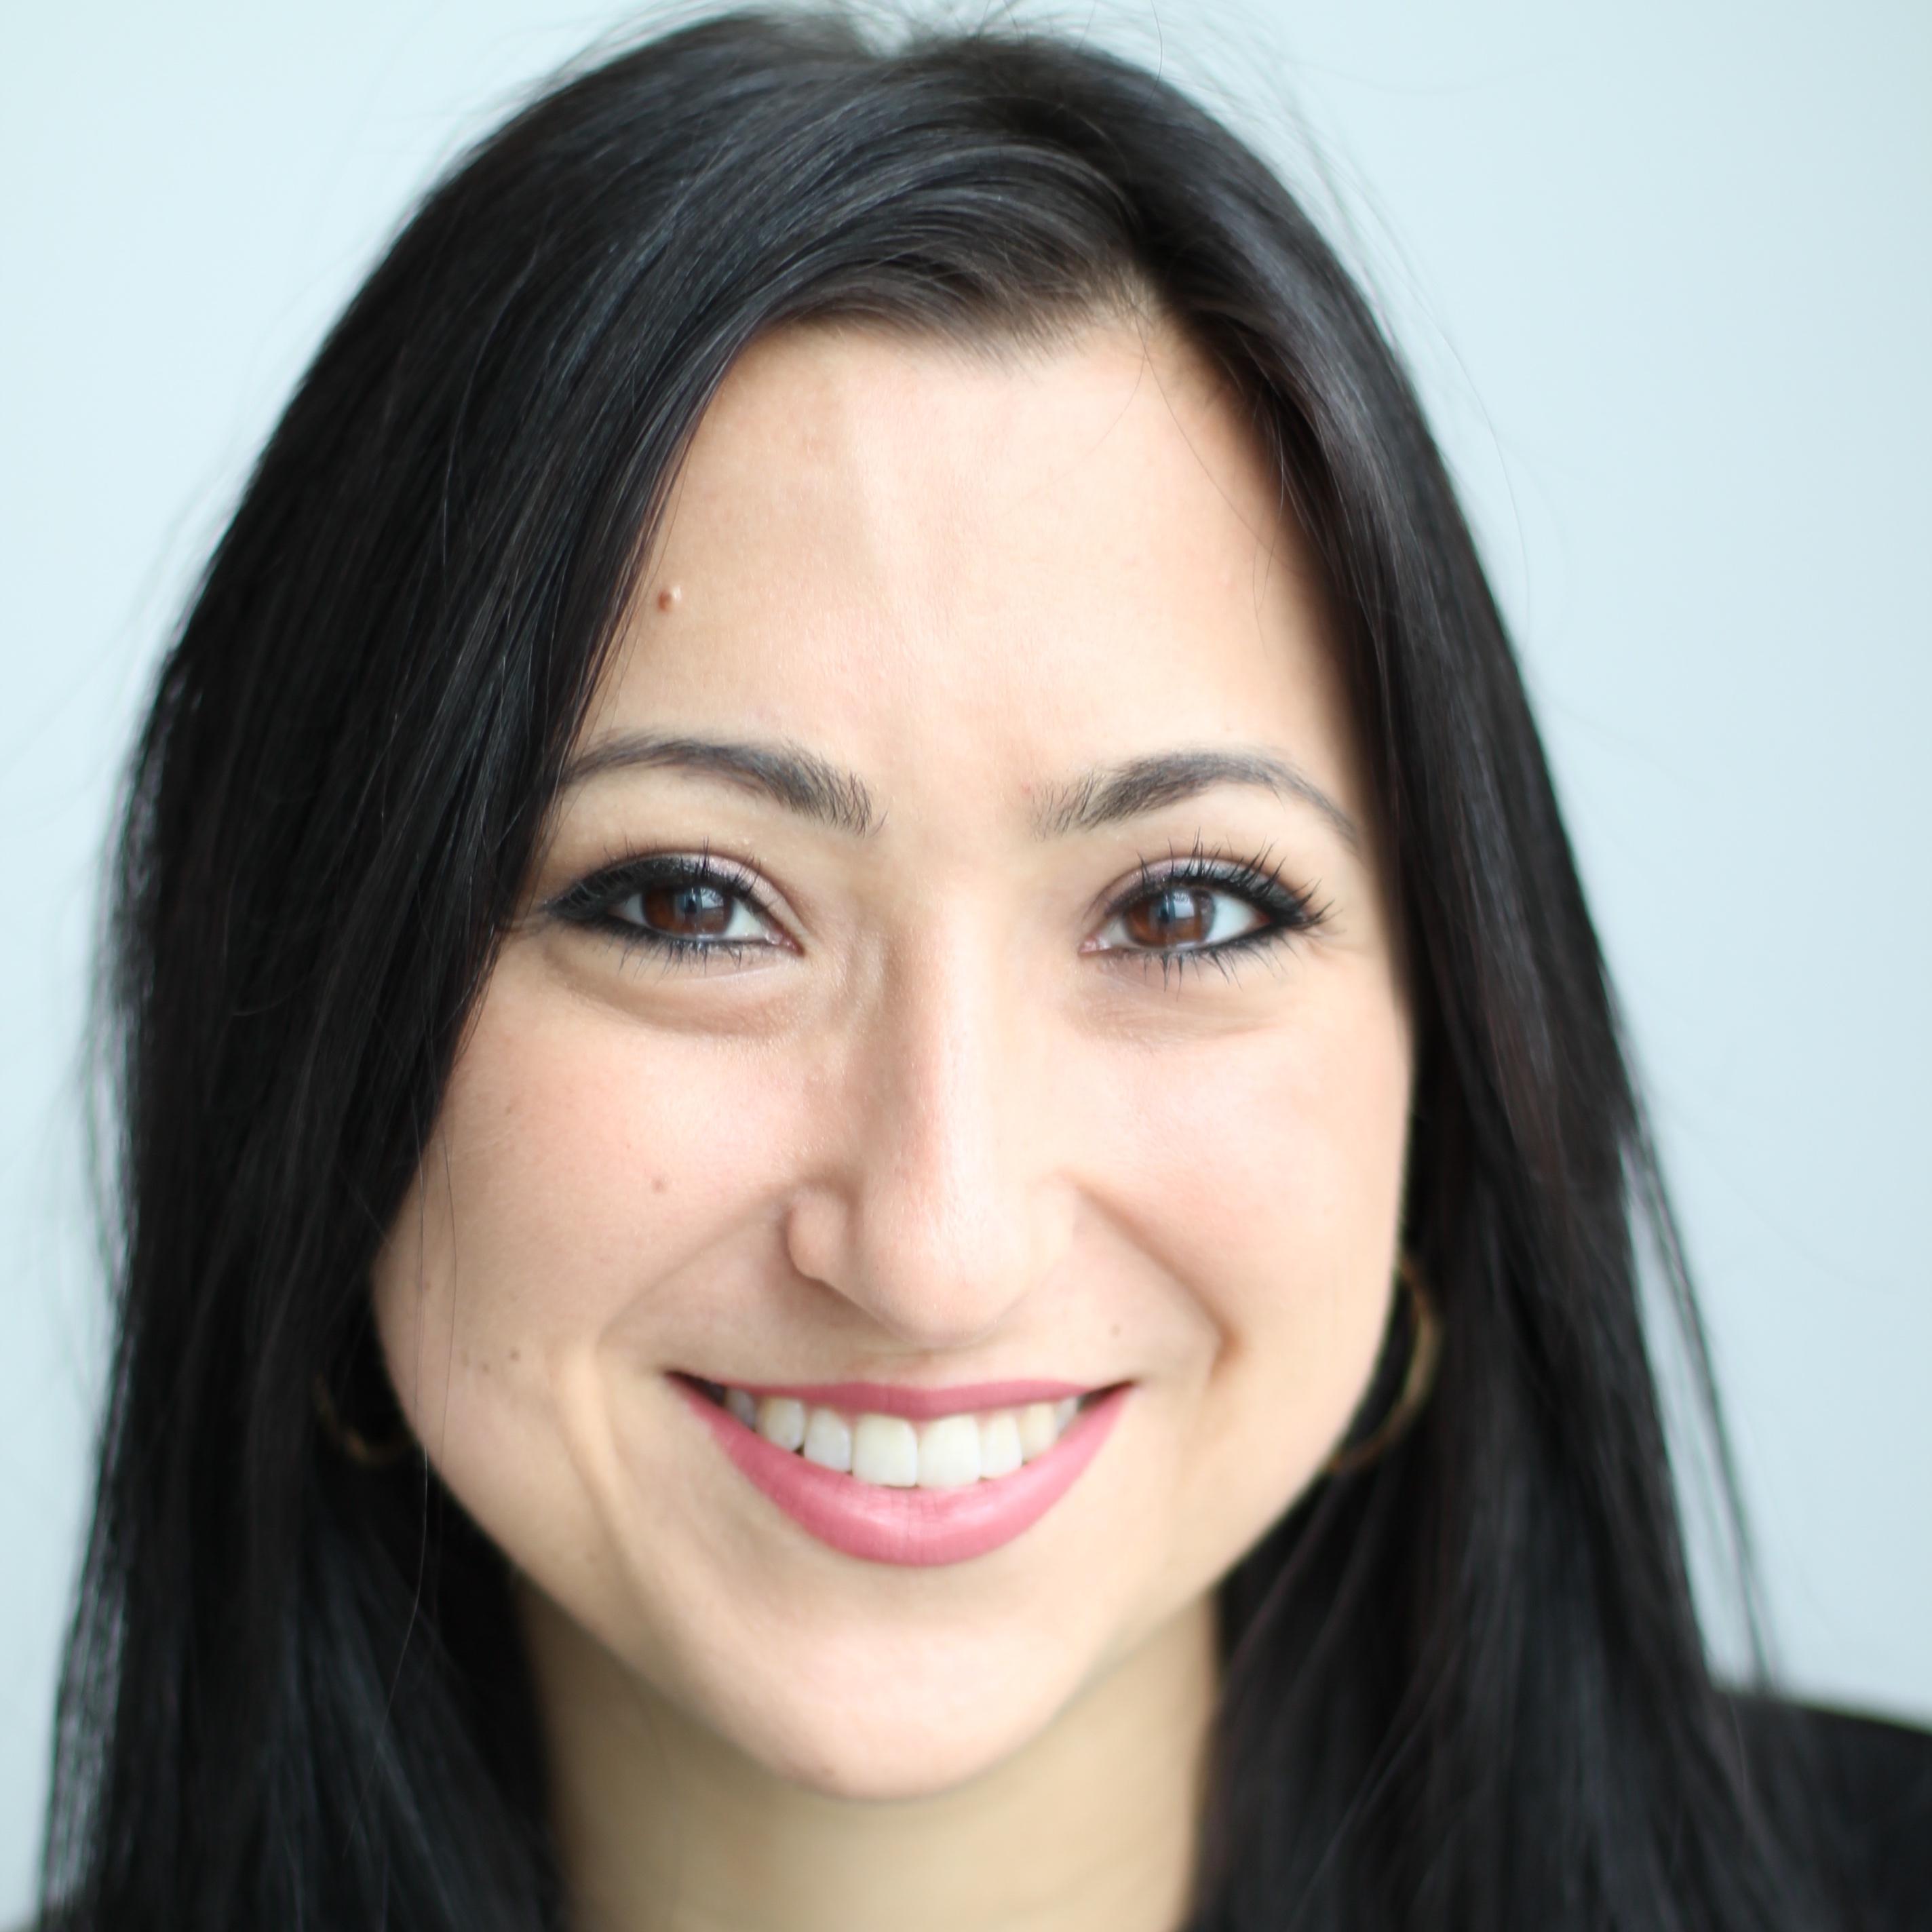 Zoe Koulouris